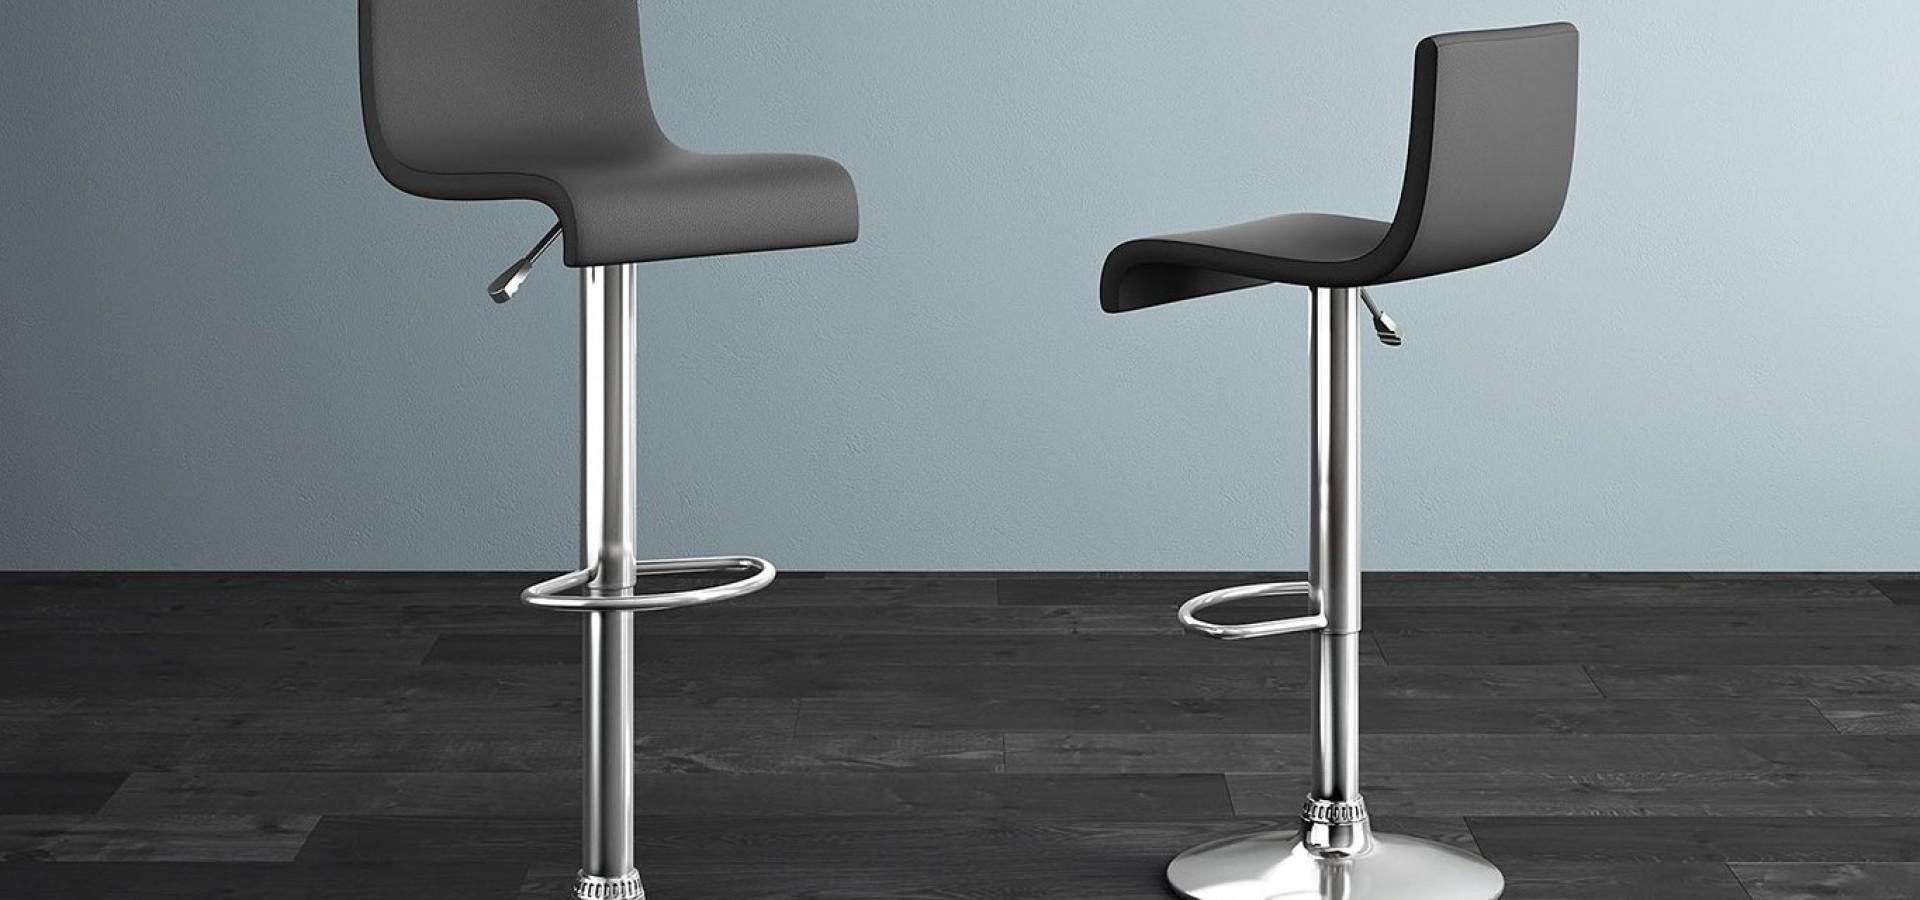 Итальянский стул Барный стул Ermes | Стул Барный стул Ermes ARREDO3